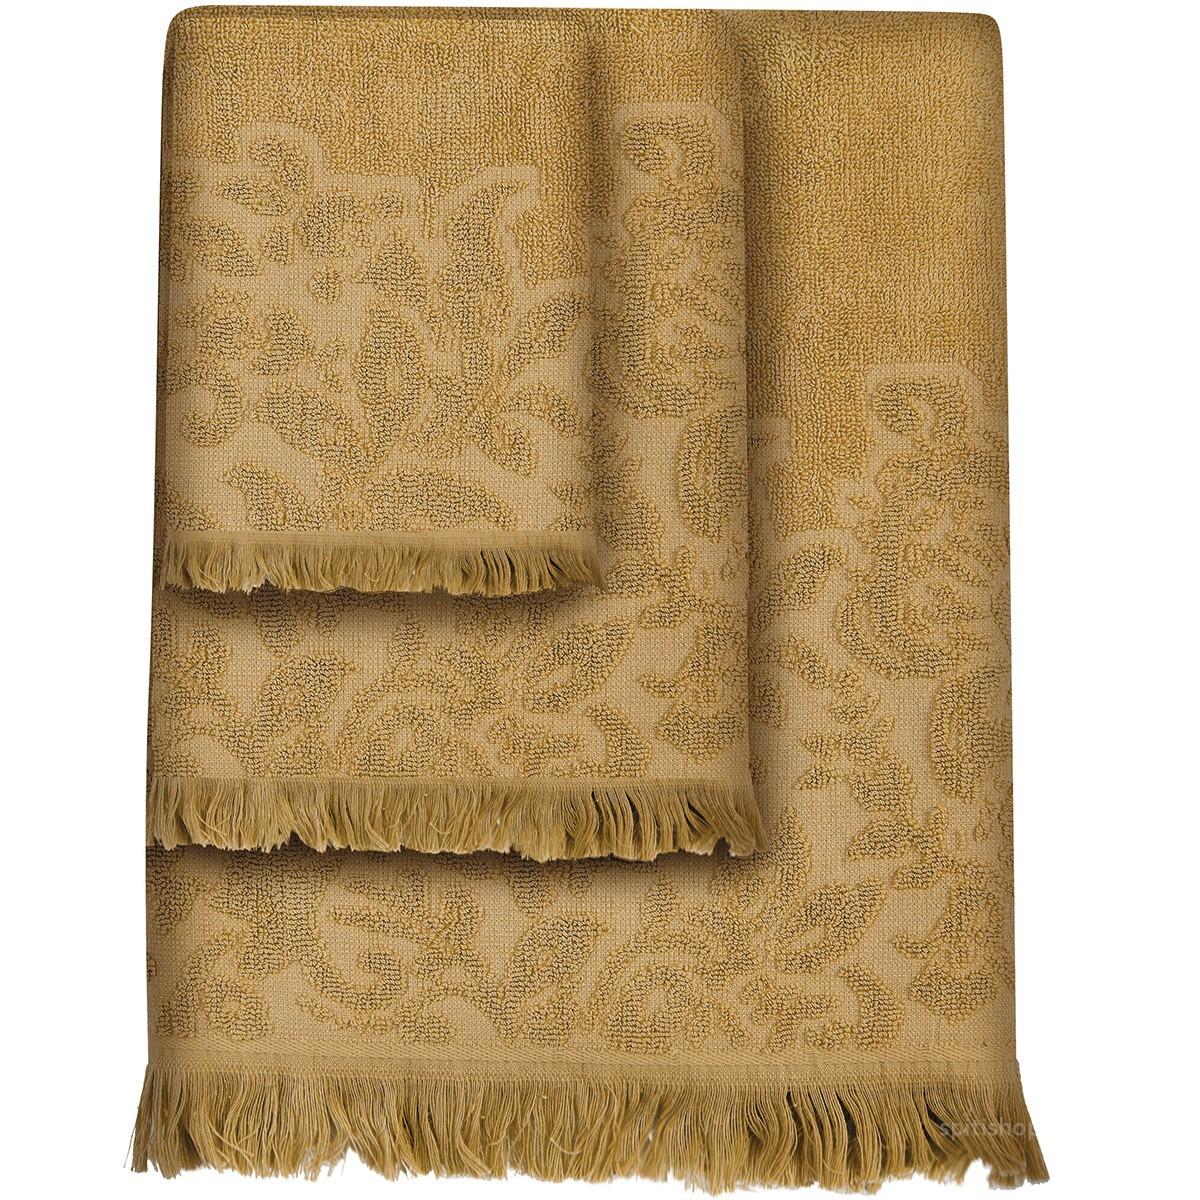 Πετσέτες Μπάνιου (Σετ 3τμχ) Das Home Simple 354